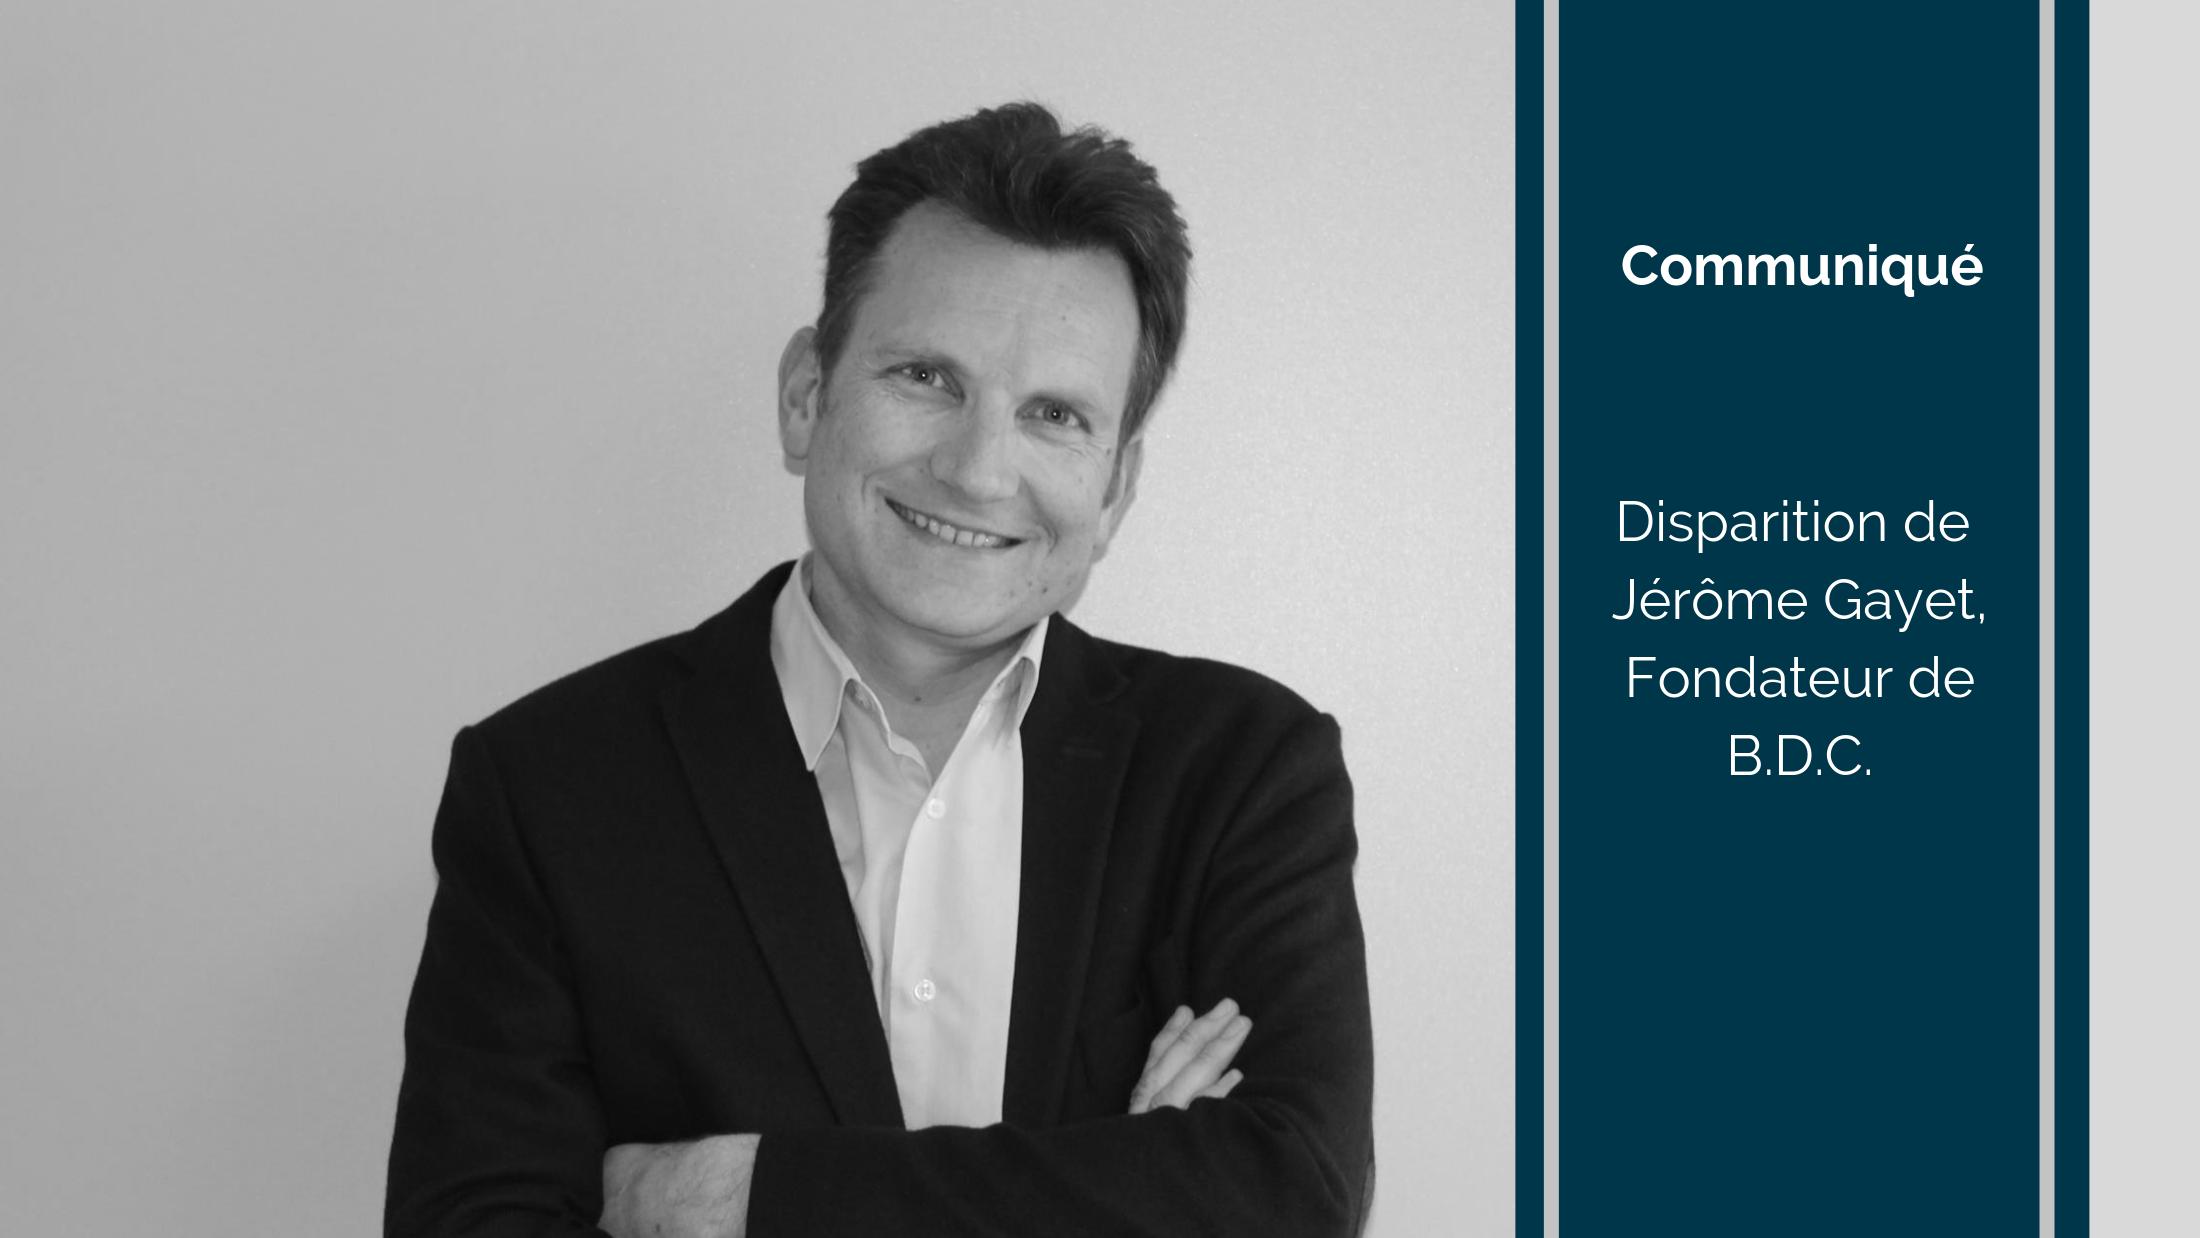 Copie de Trends News suite 2 - Communiqué : disparition de Jérôme Gayet, Fondateur de B.D.C.